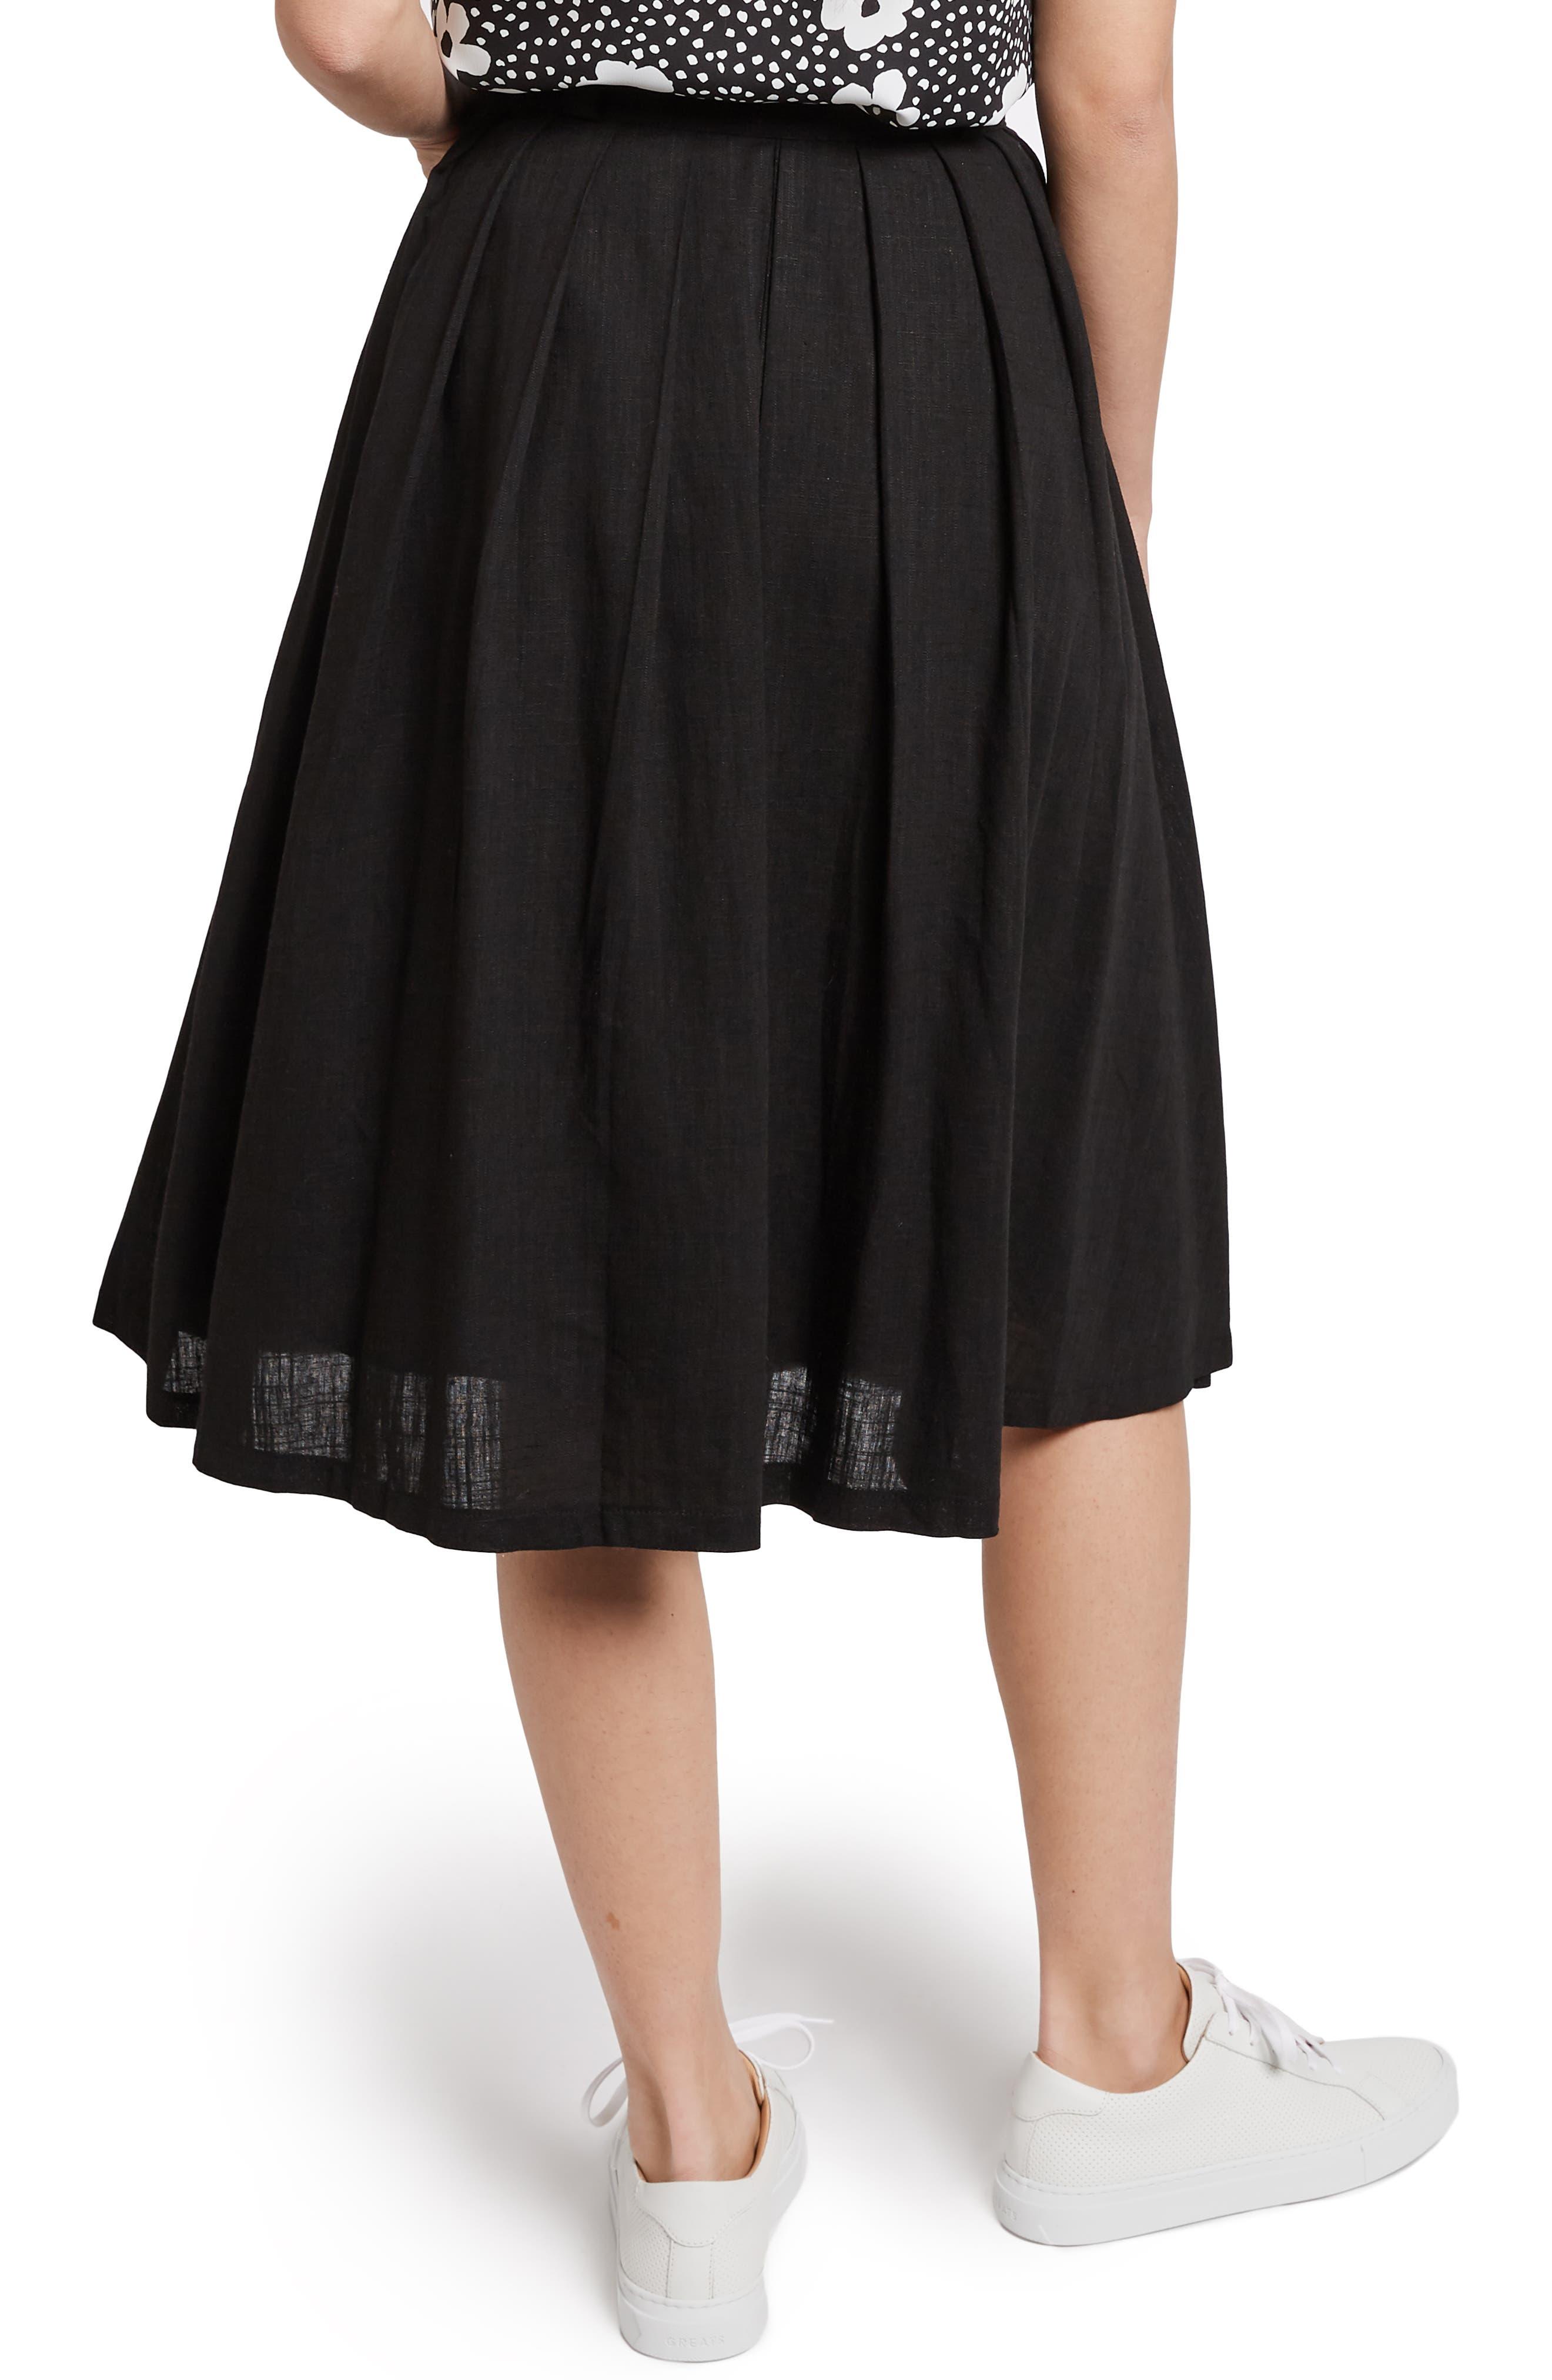 MODCLOTH,                             Pleat Midi Skirt,                             Alternate thumbnail 3, color,                             BLACK